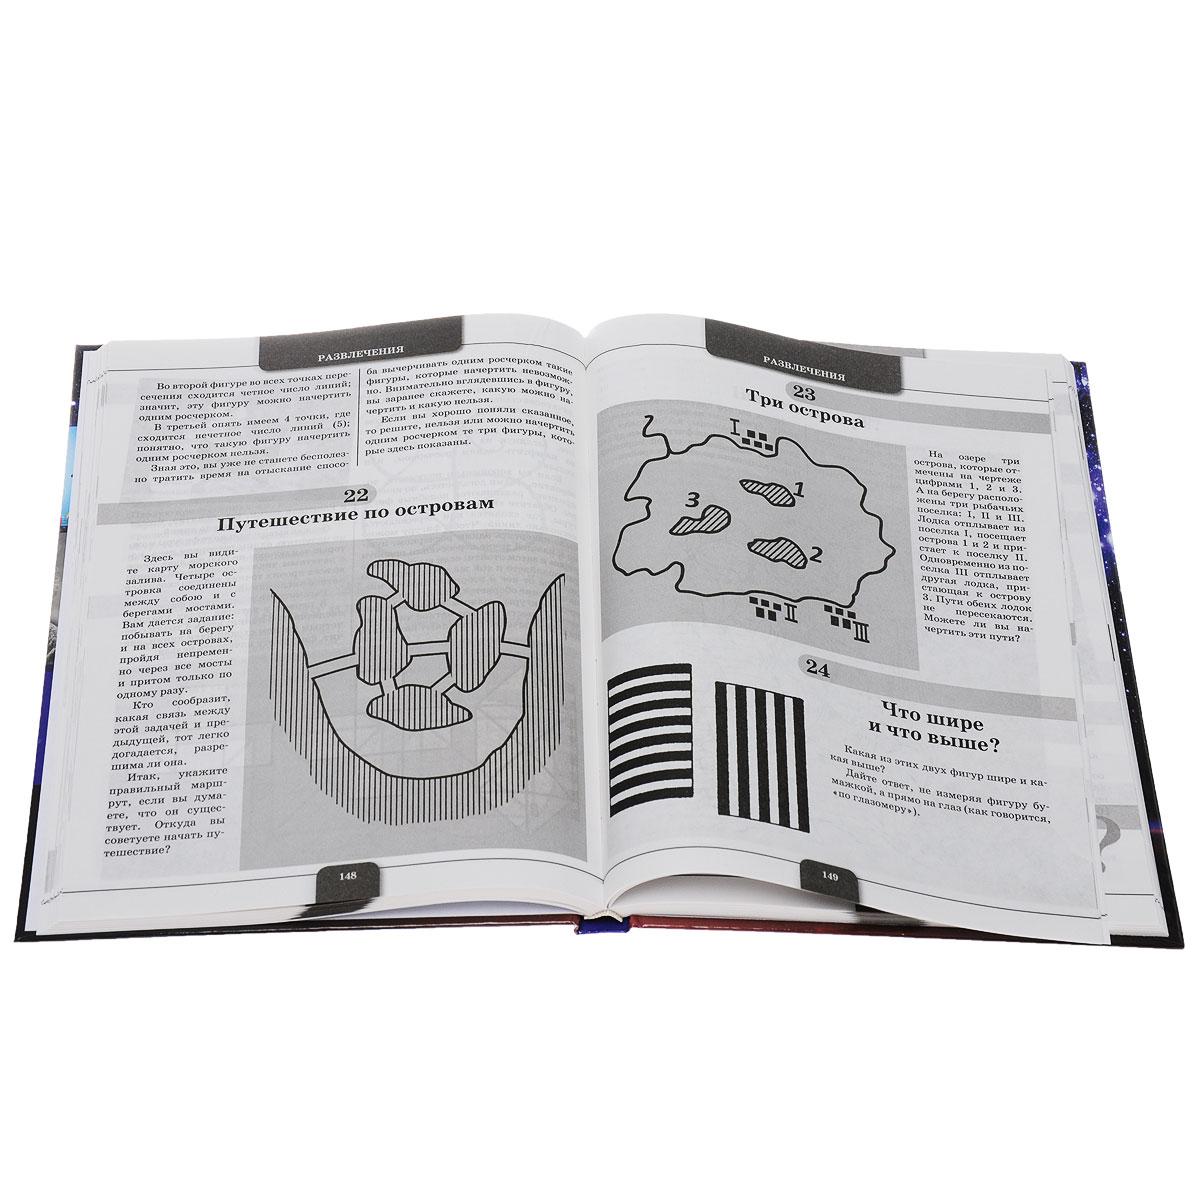 Иллюстрированная книга занимательных наук